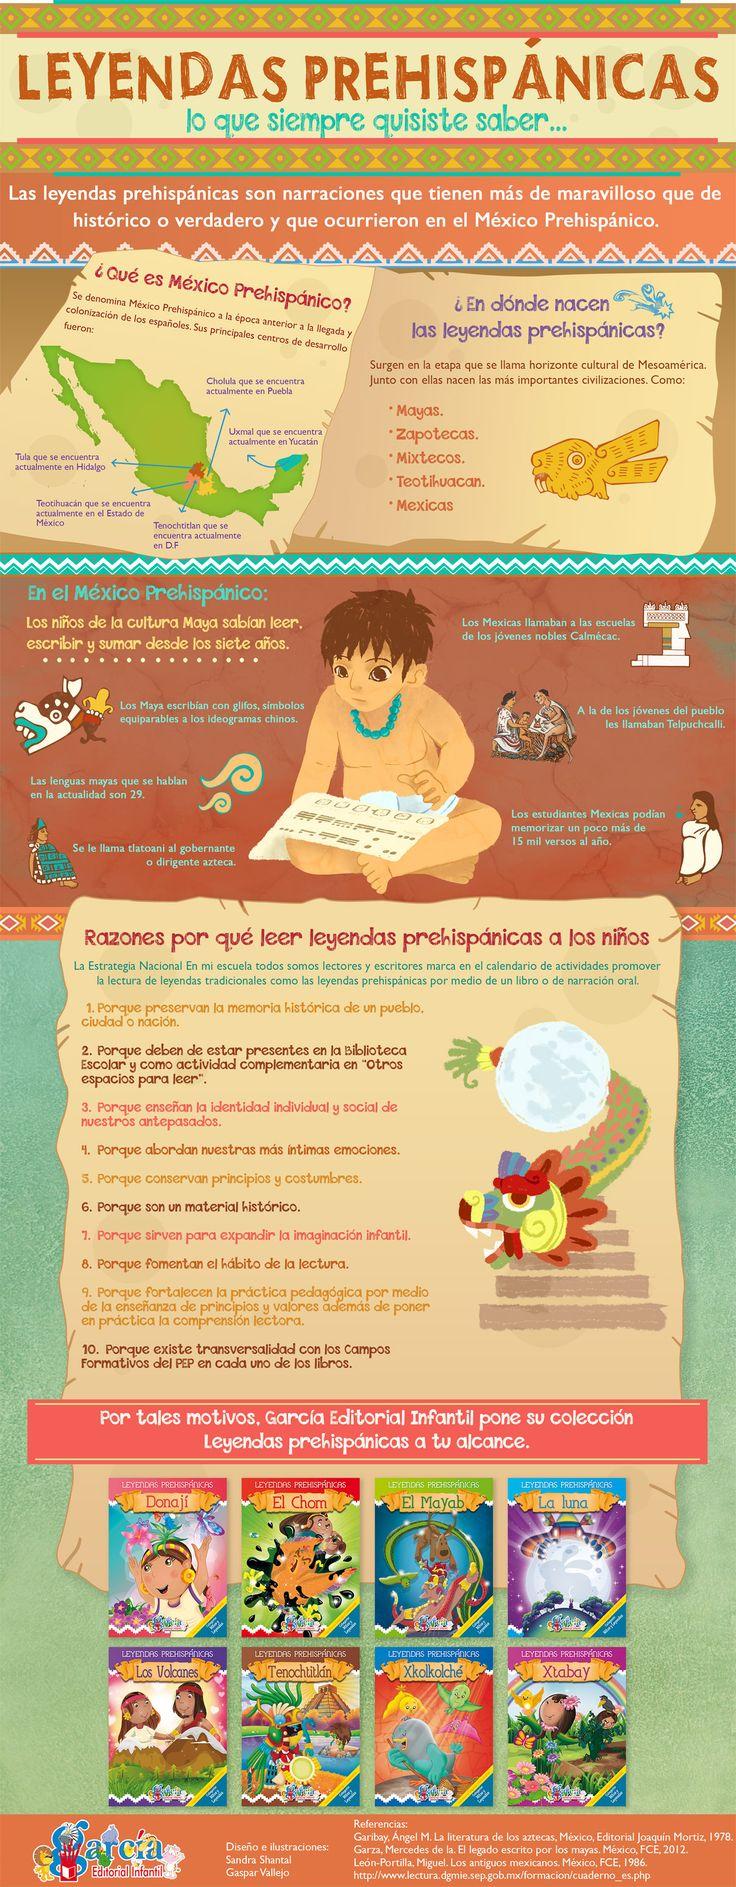 ¿Sabes Qué son las Leyendas Prehispánicas de México? ¿por qué es importante conocerlas ? y ¿Qué representan éstas historias y quiénes las crearon?.